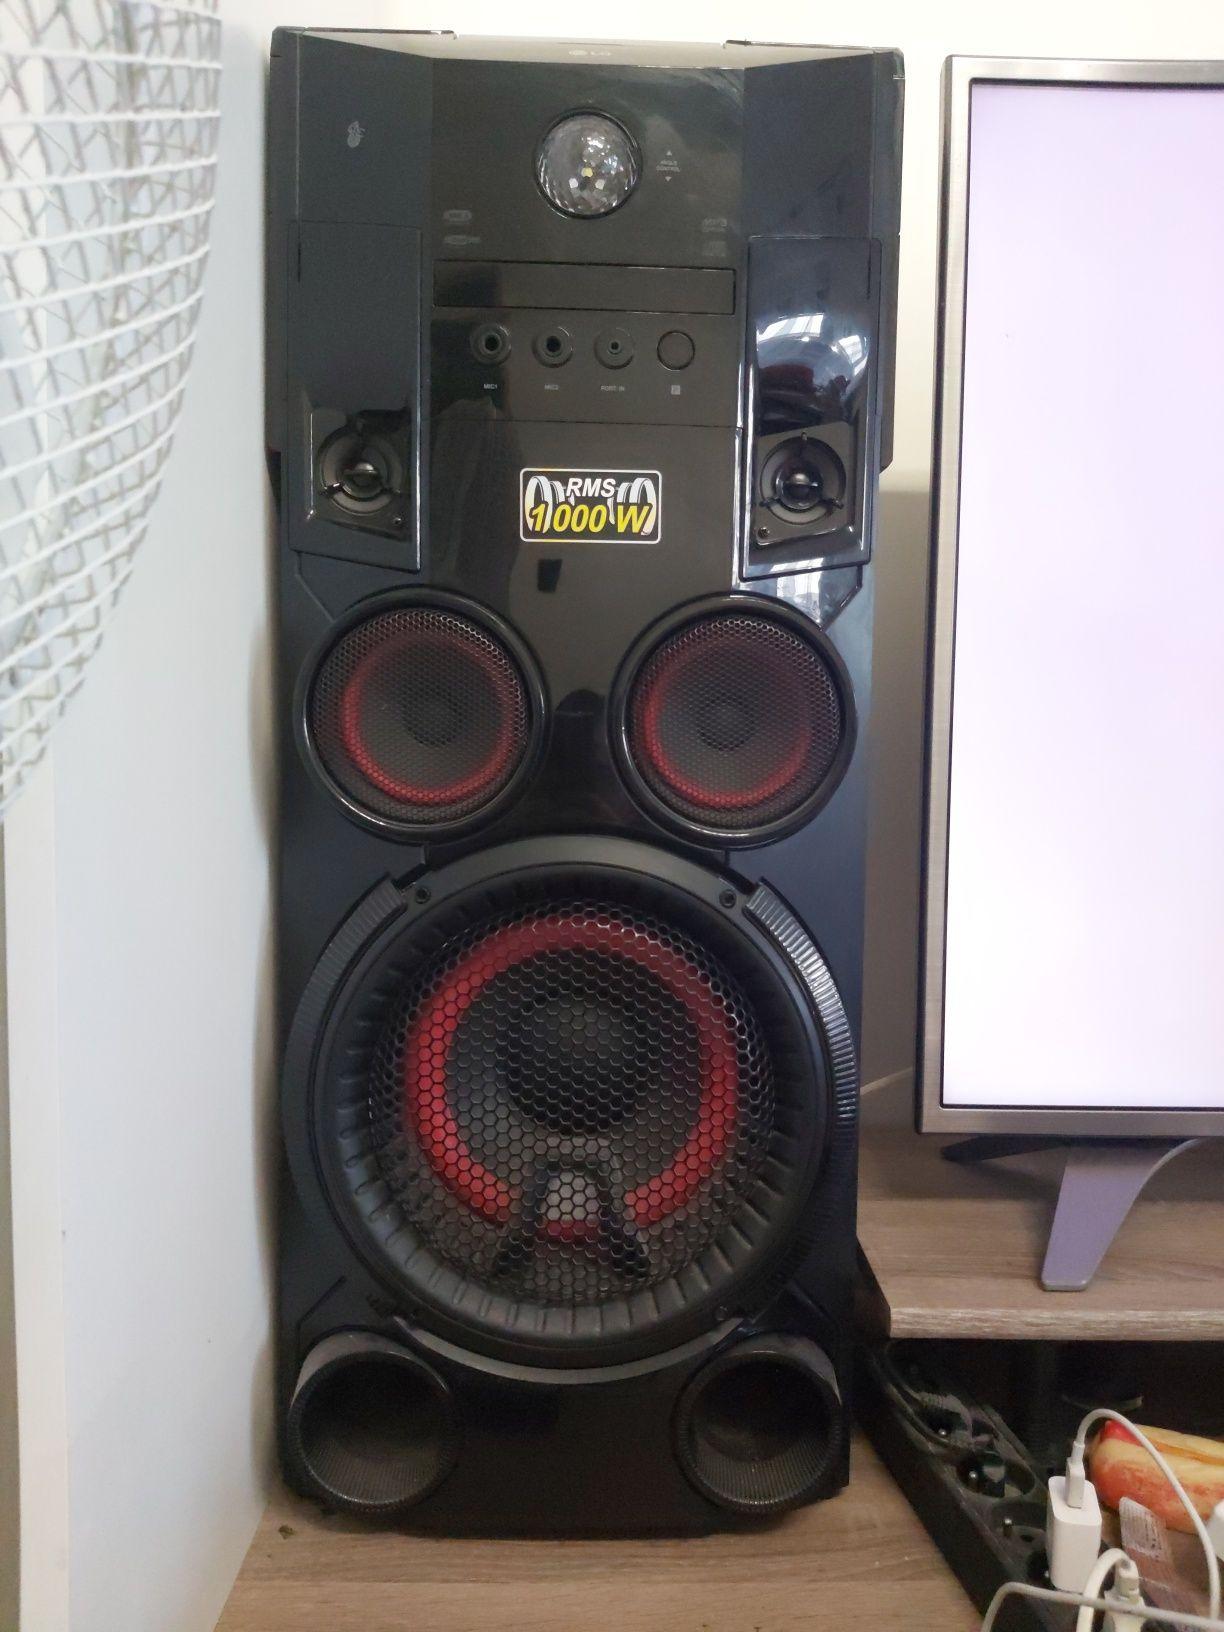 Power audi lg om 7650 glośnik urządzenie audio